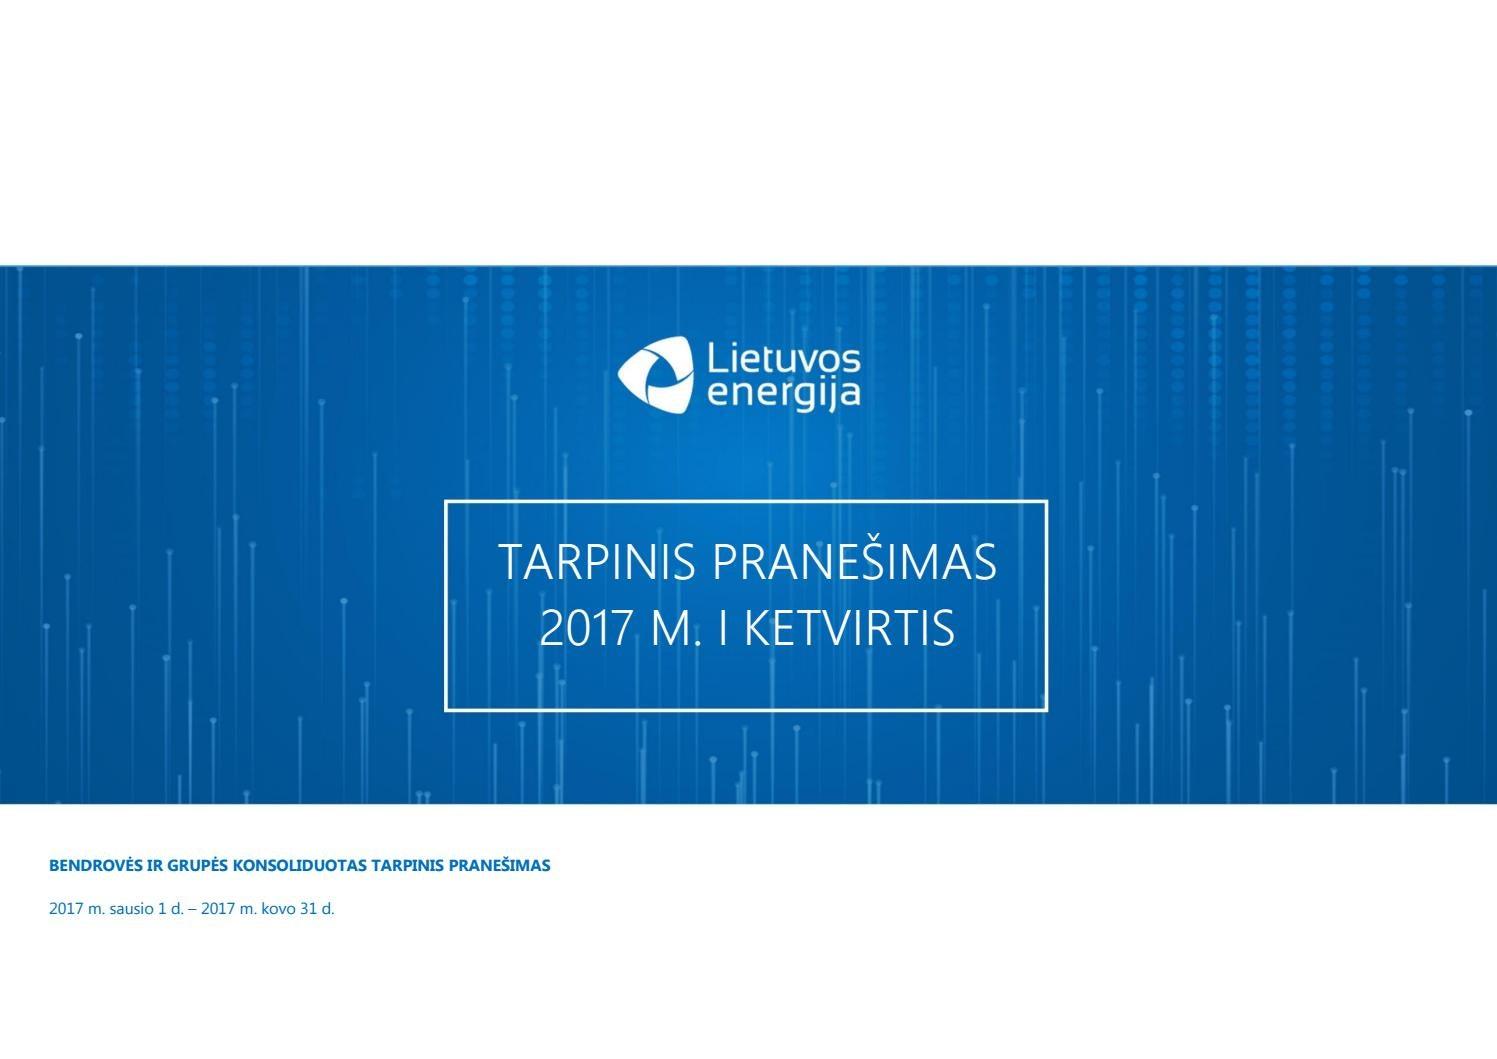 2021 m gairės dėl sistemų ir kontrolės automatizuotoje prekybos aplinkoje)